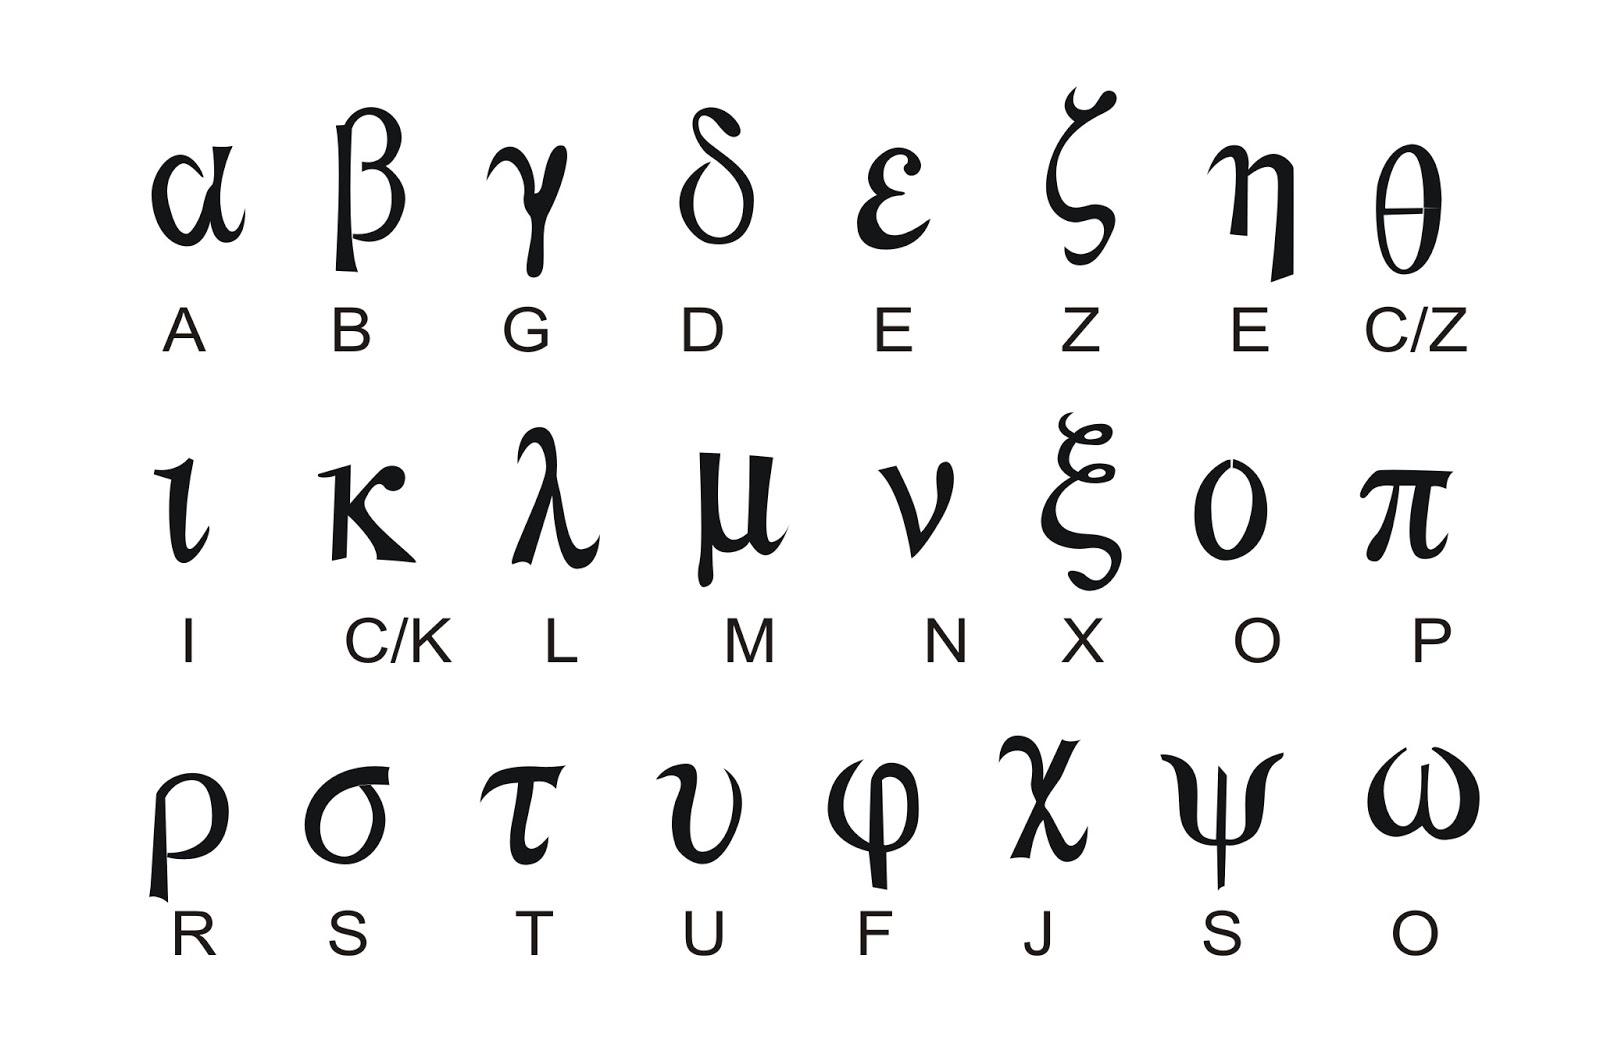 el mundo y su historia escribe tu nombre en griego